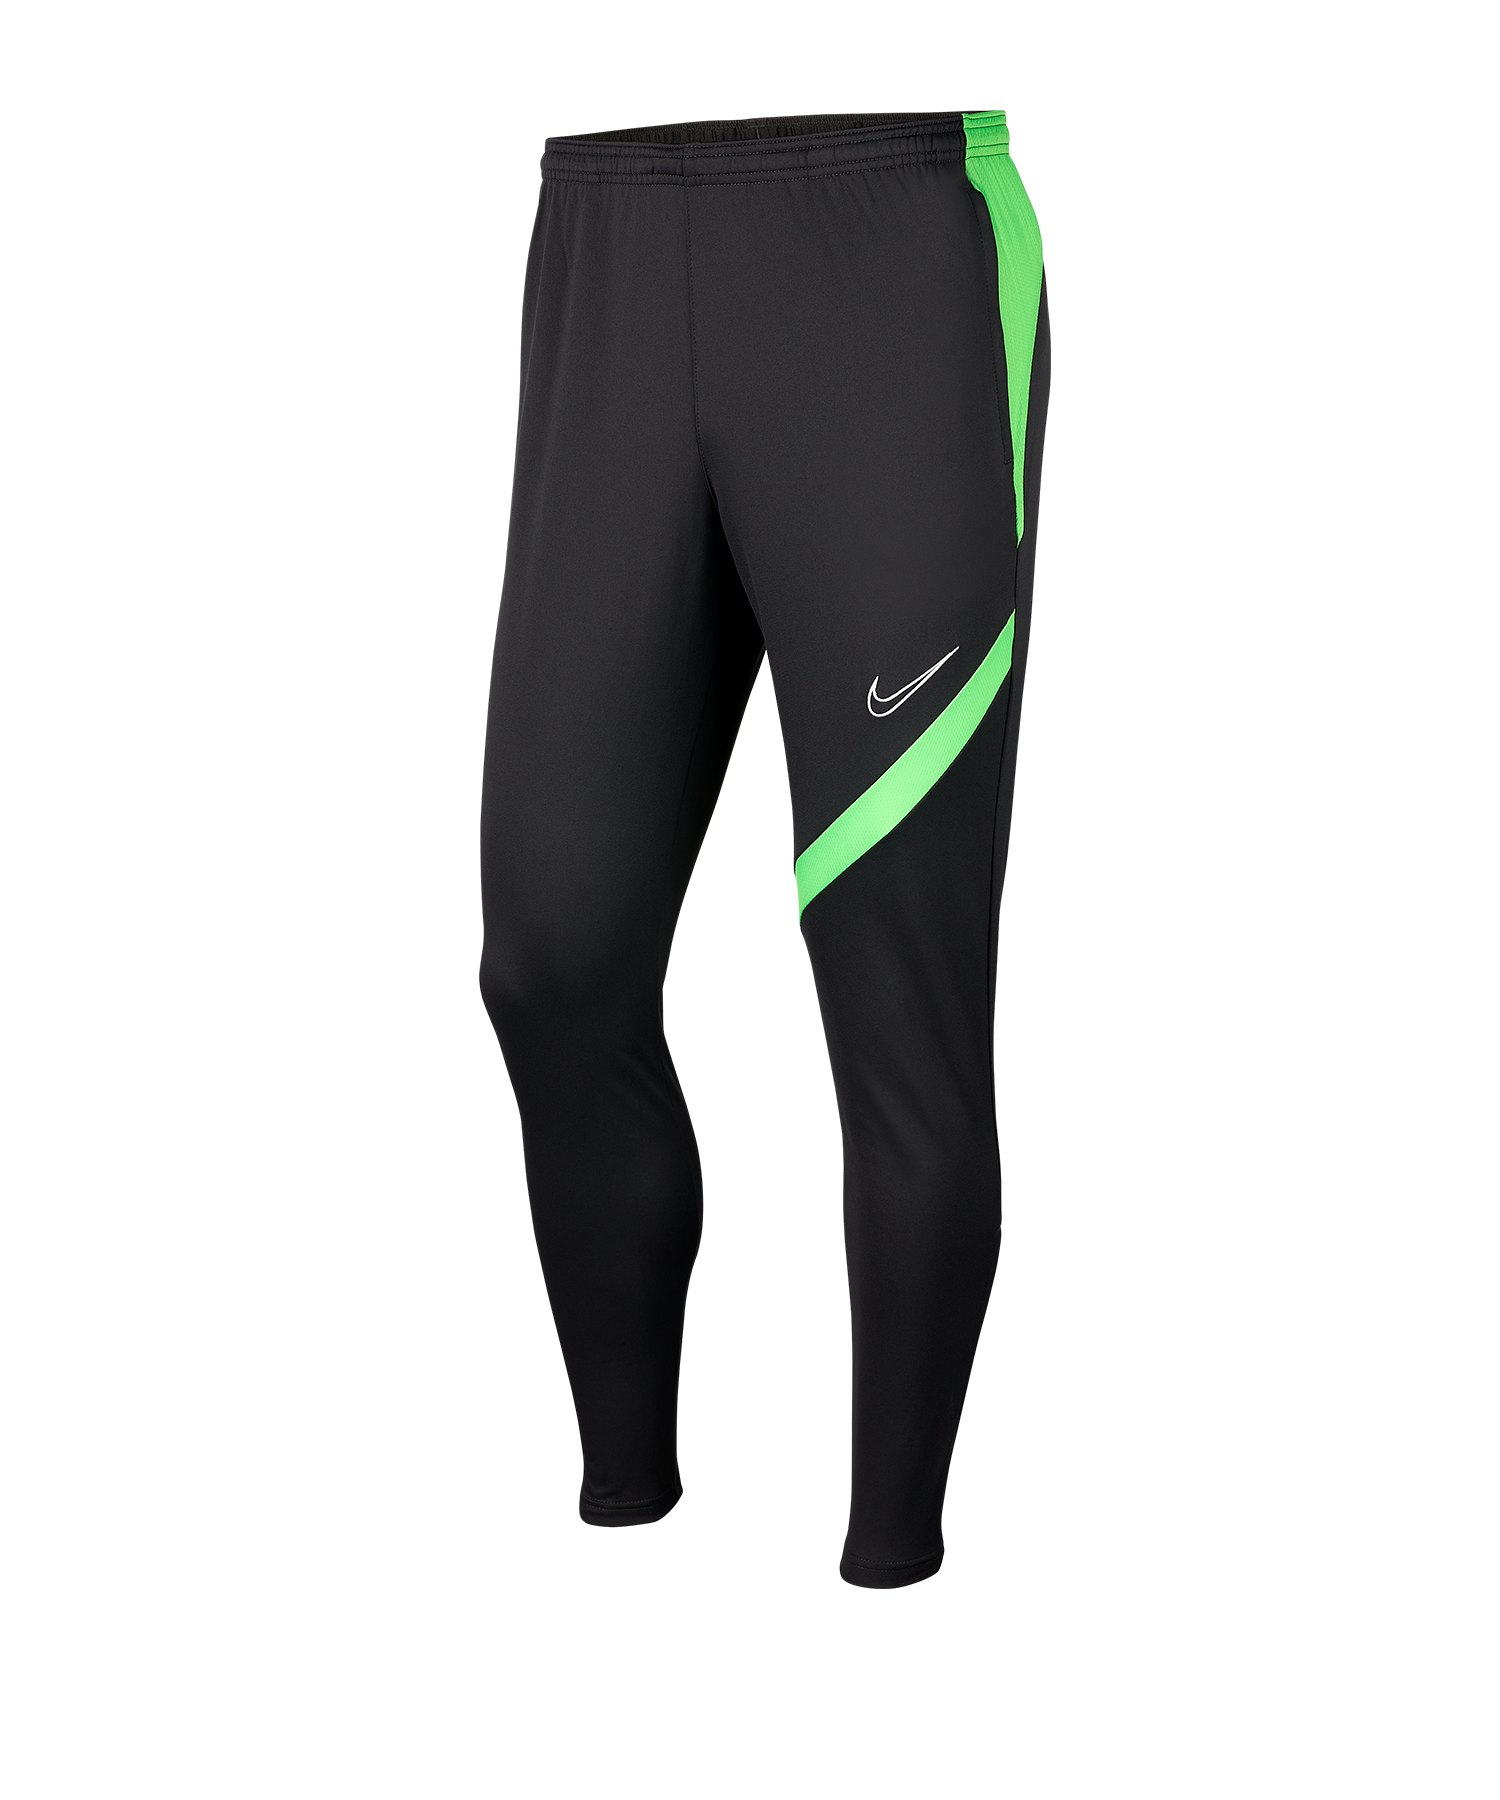 Nike Academy Pro Training Pant Grau Grün F064 - grau